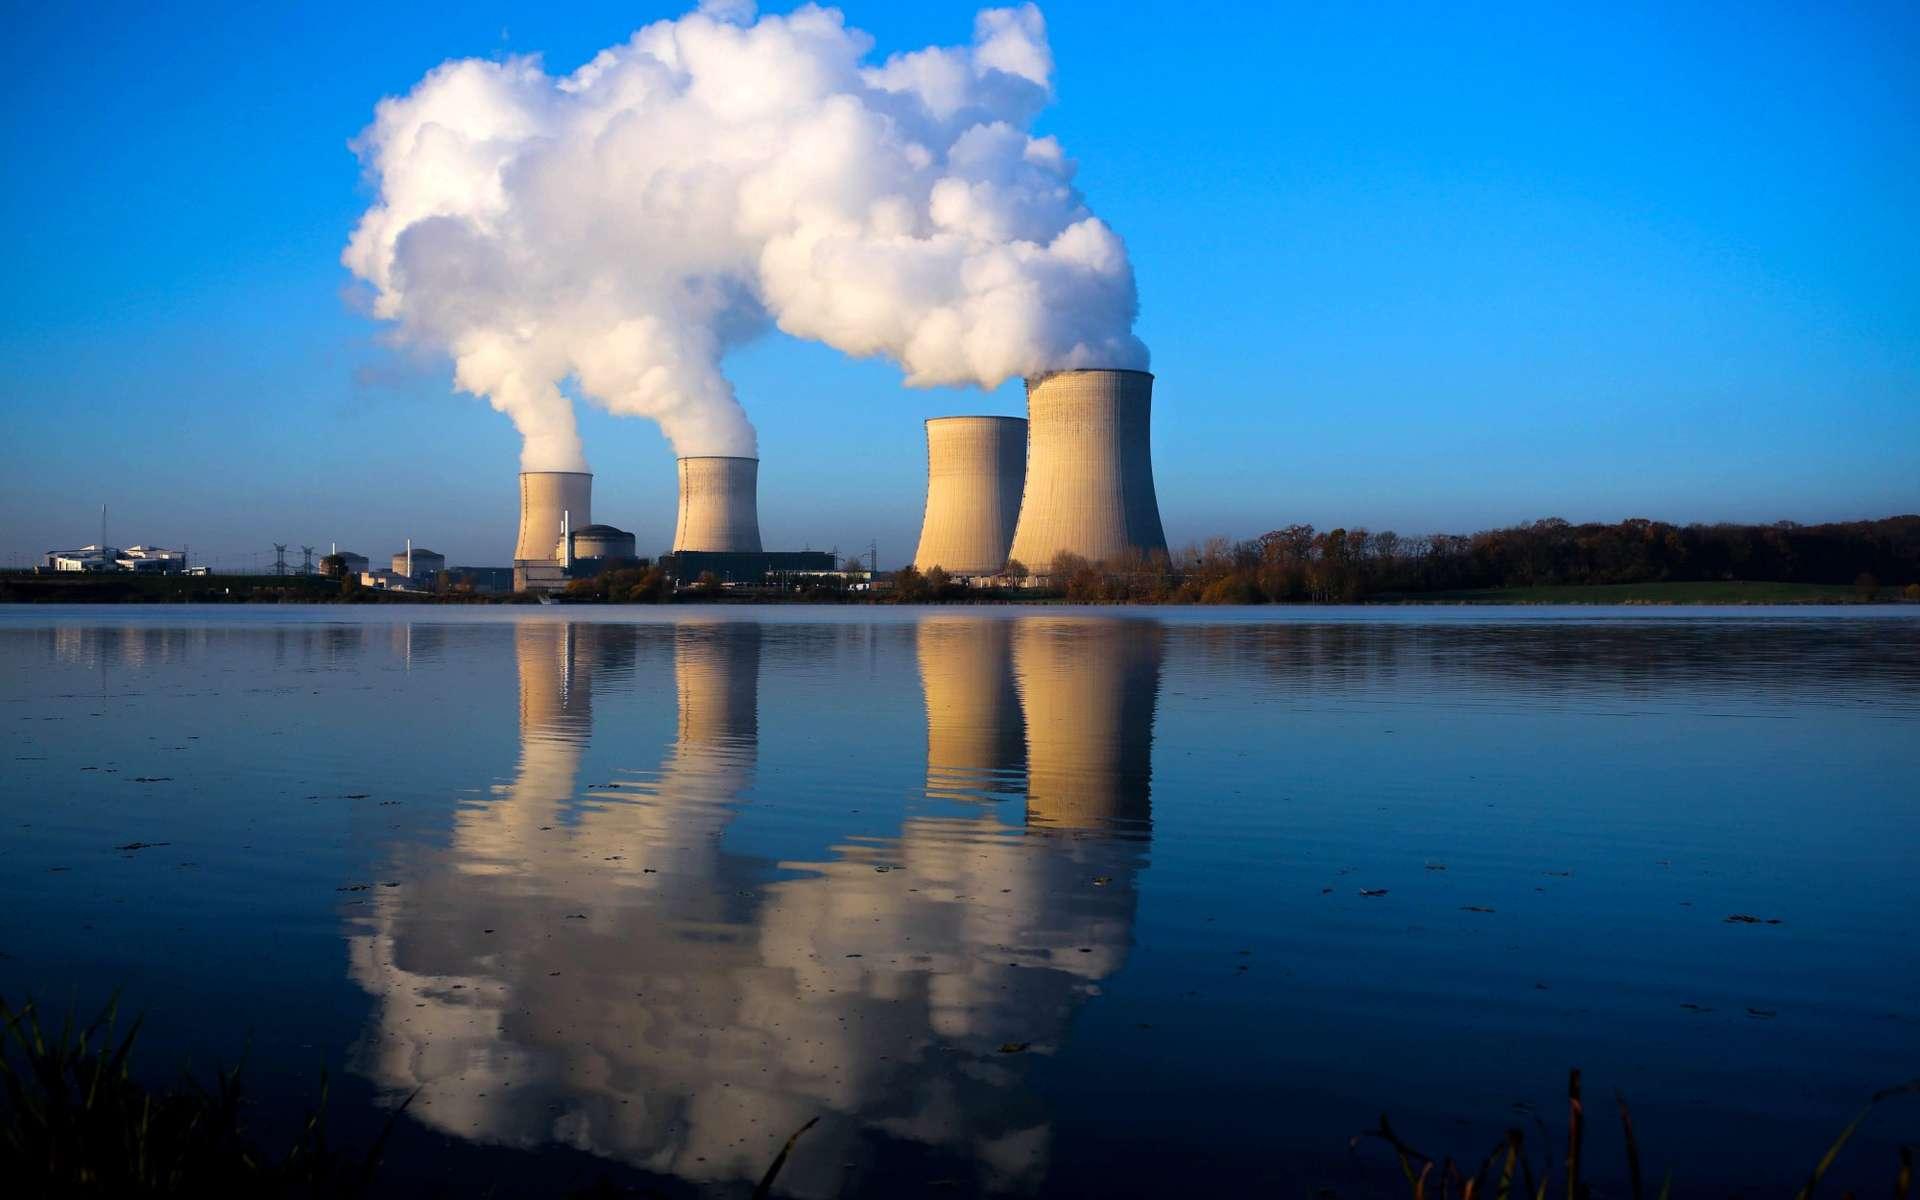 Les centrales nucléaires, systèmes complexes, ne peuvent être simulées facilement. Mais la puissance informatique actuelle et le « big data » permettent aujourd'hui de le faire, avec à la clé une amélioration du fonctionnement et une plus grande efficacité des opérations de maintenance. © EDF